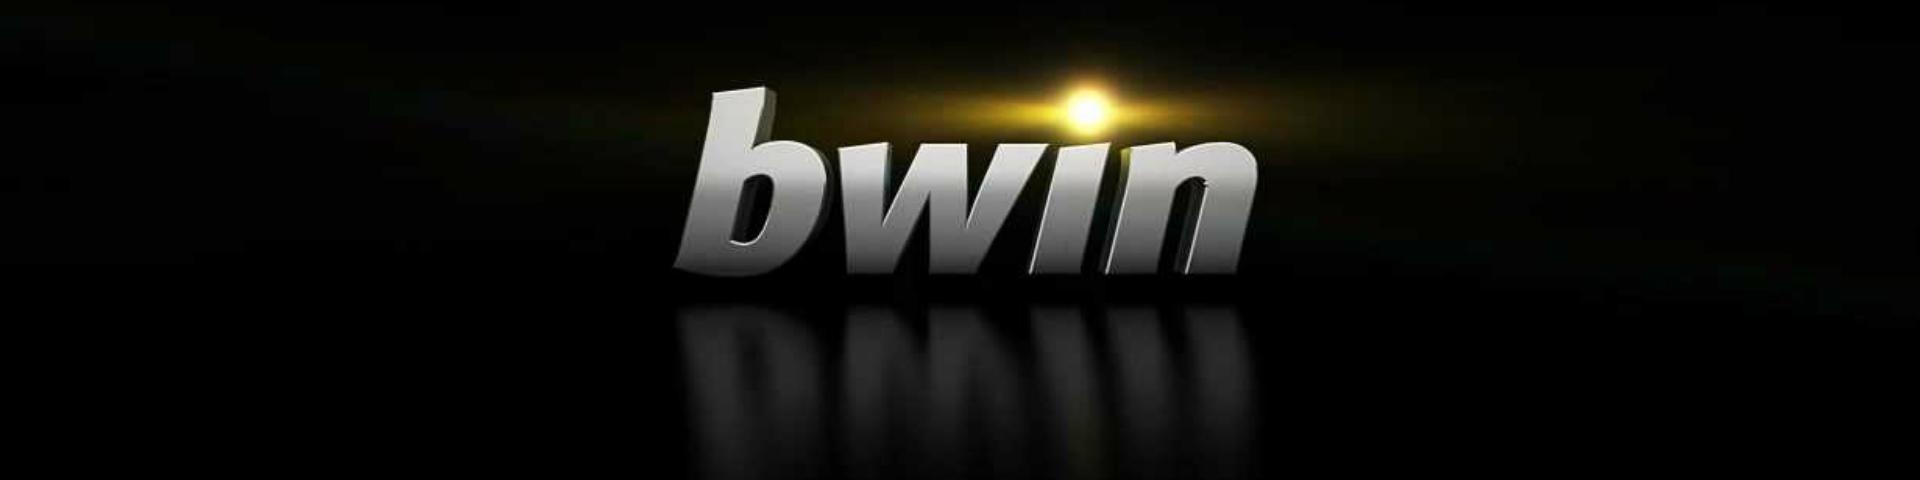 БК bwin и БК «Пари-Матч» ведут переговоры о слиянии